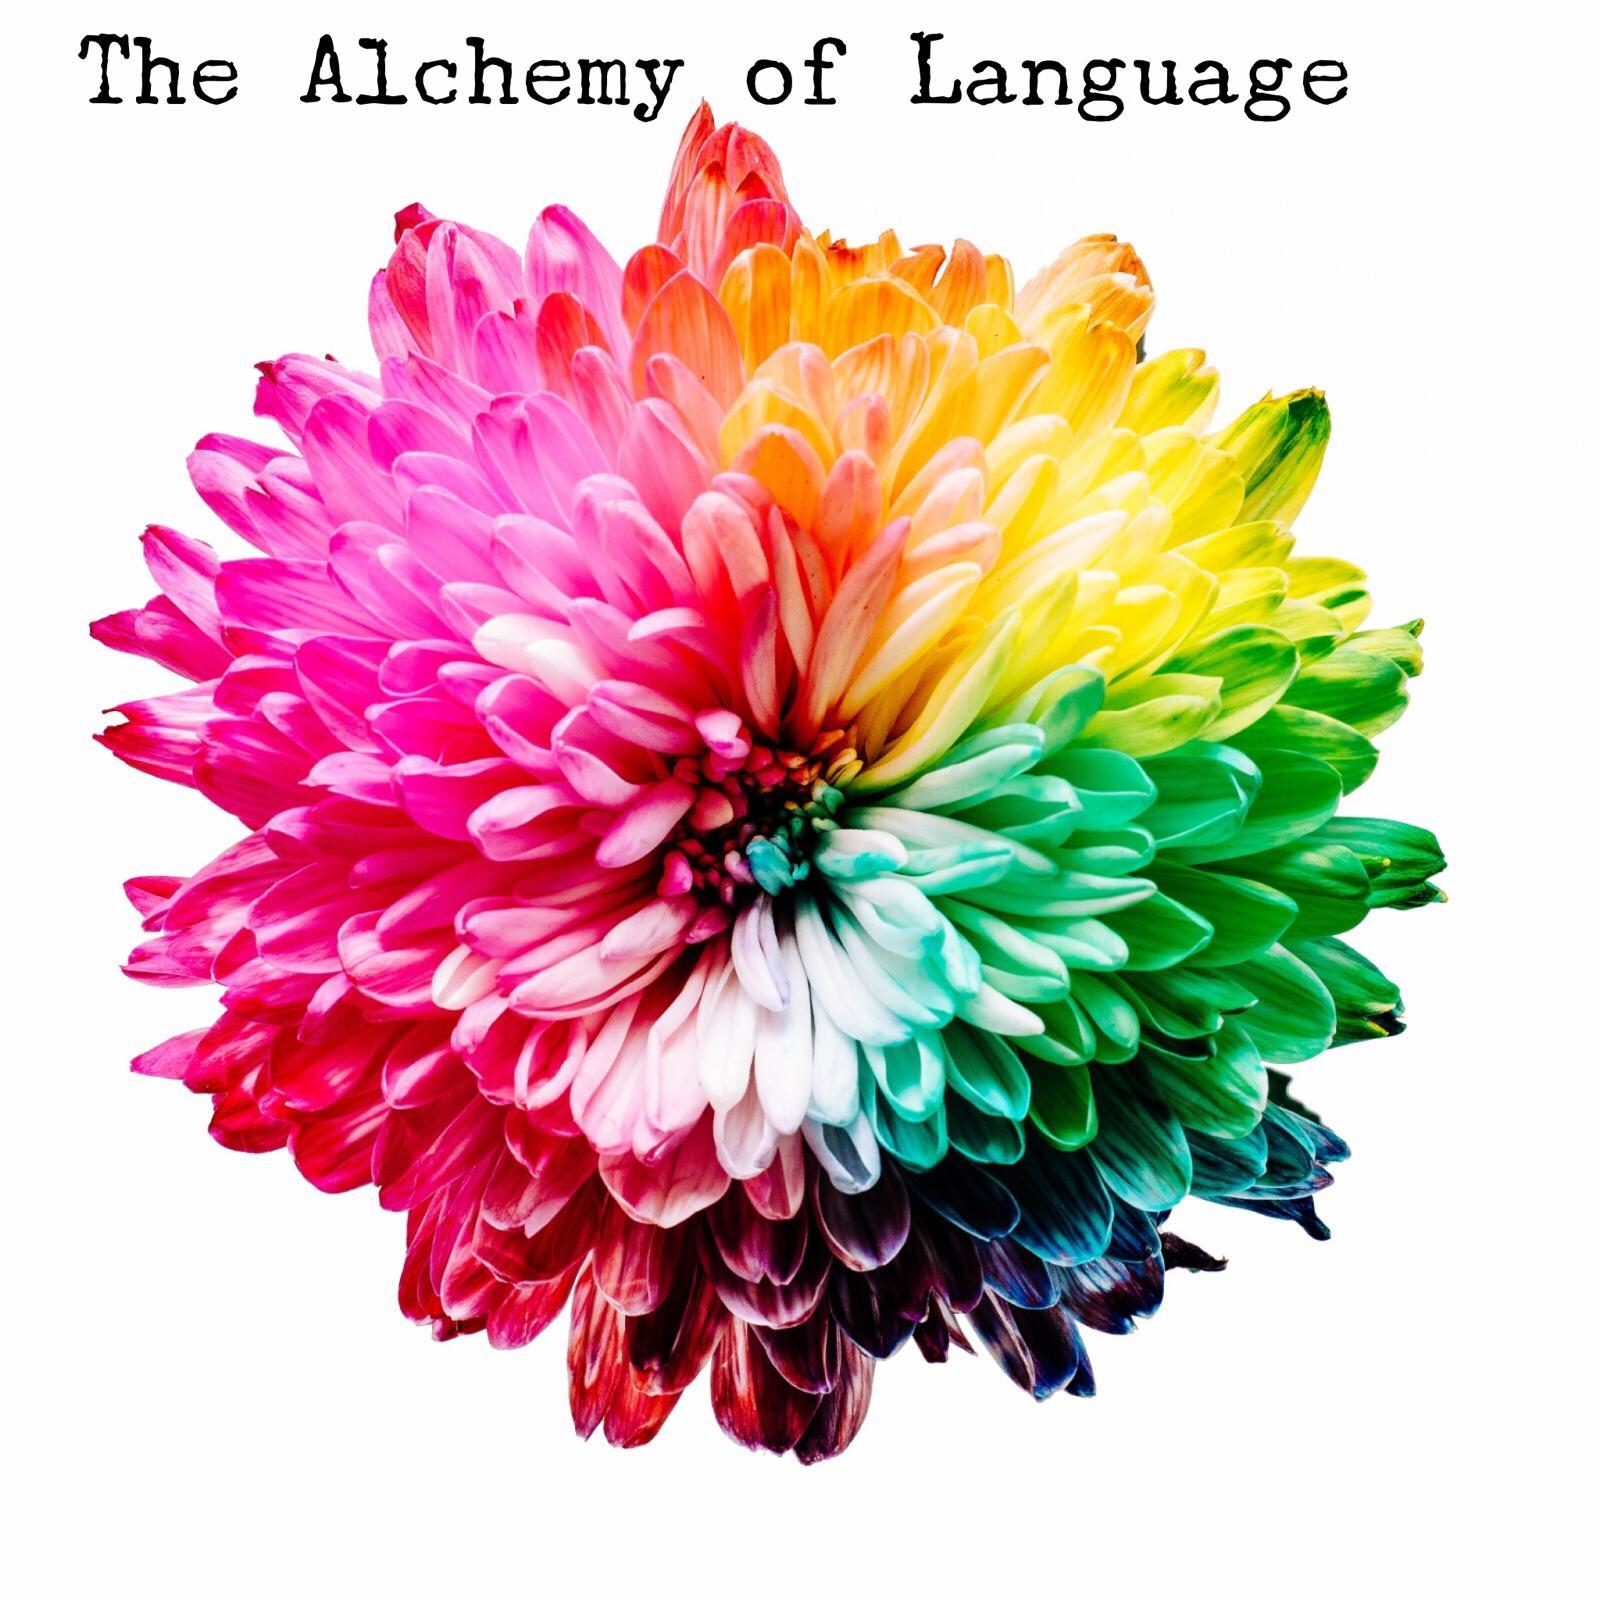 The Alchemy of Language.jpeg